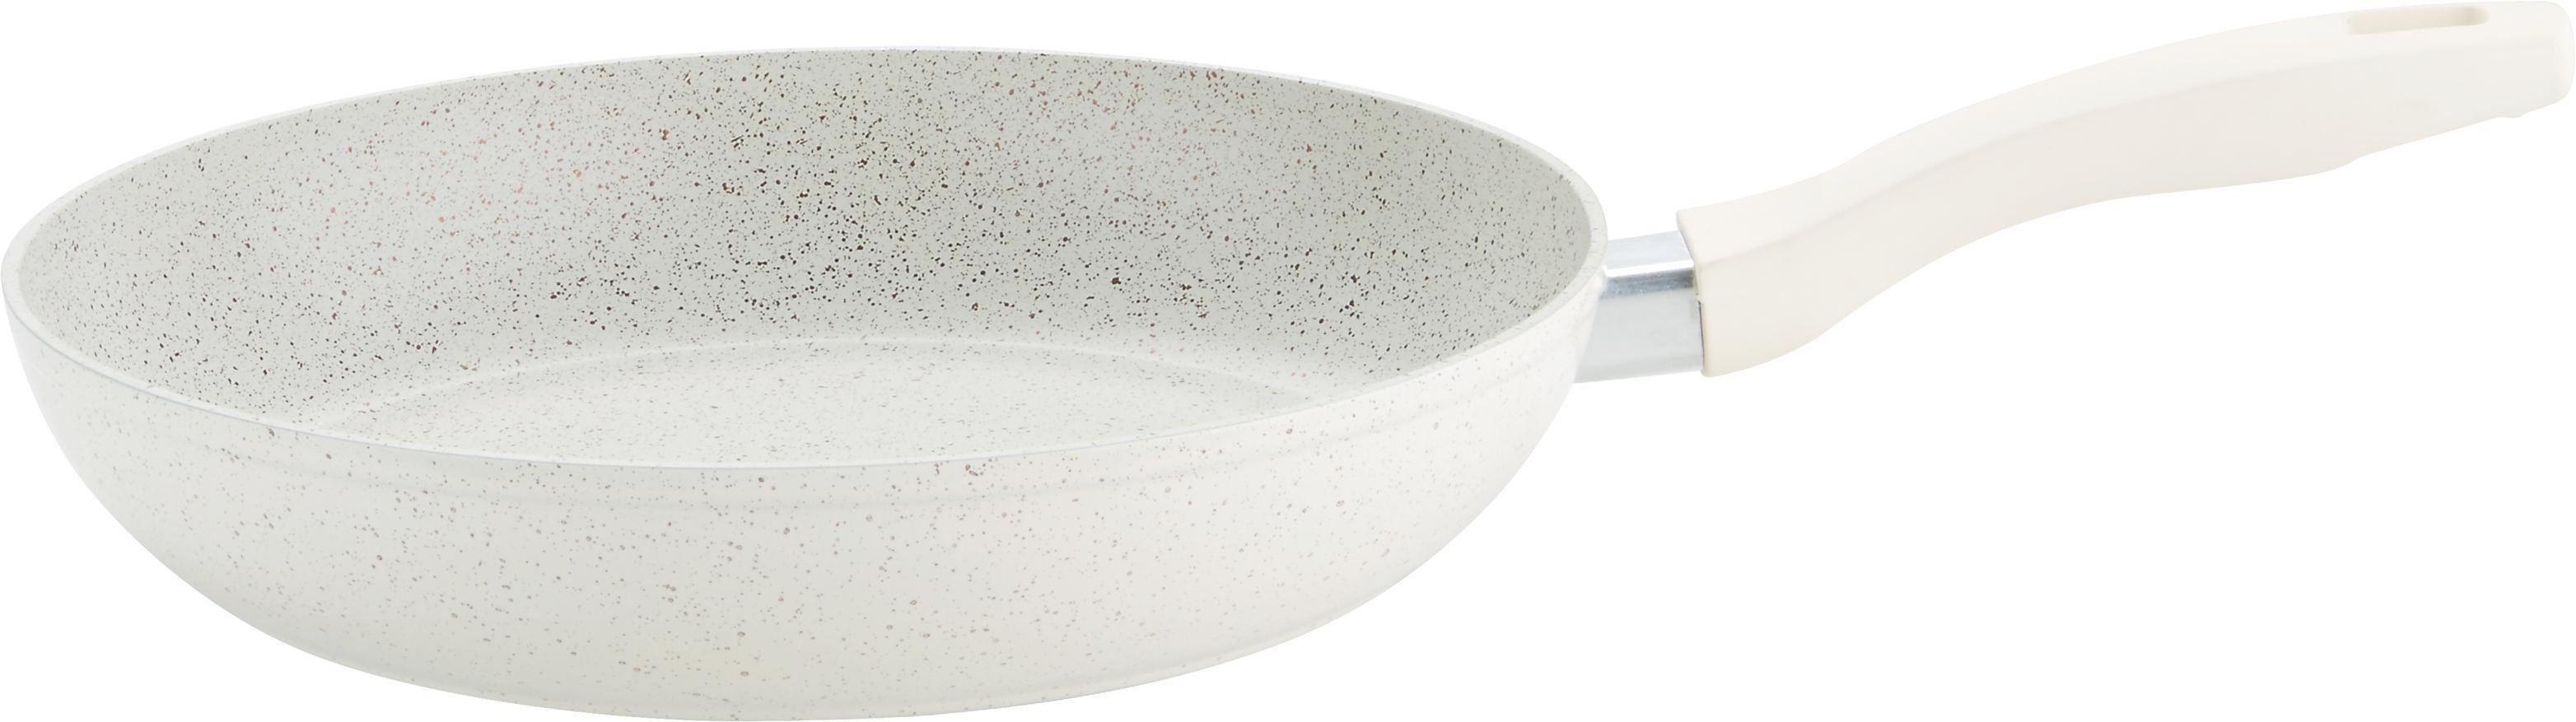 Bratpfanne Marmor in Creme - Creme, ROMANTIK / LANDHAUS, Metall (28/5,5cm) - PREMIUM LIVING